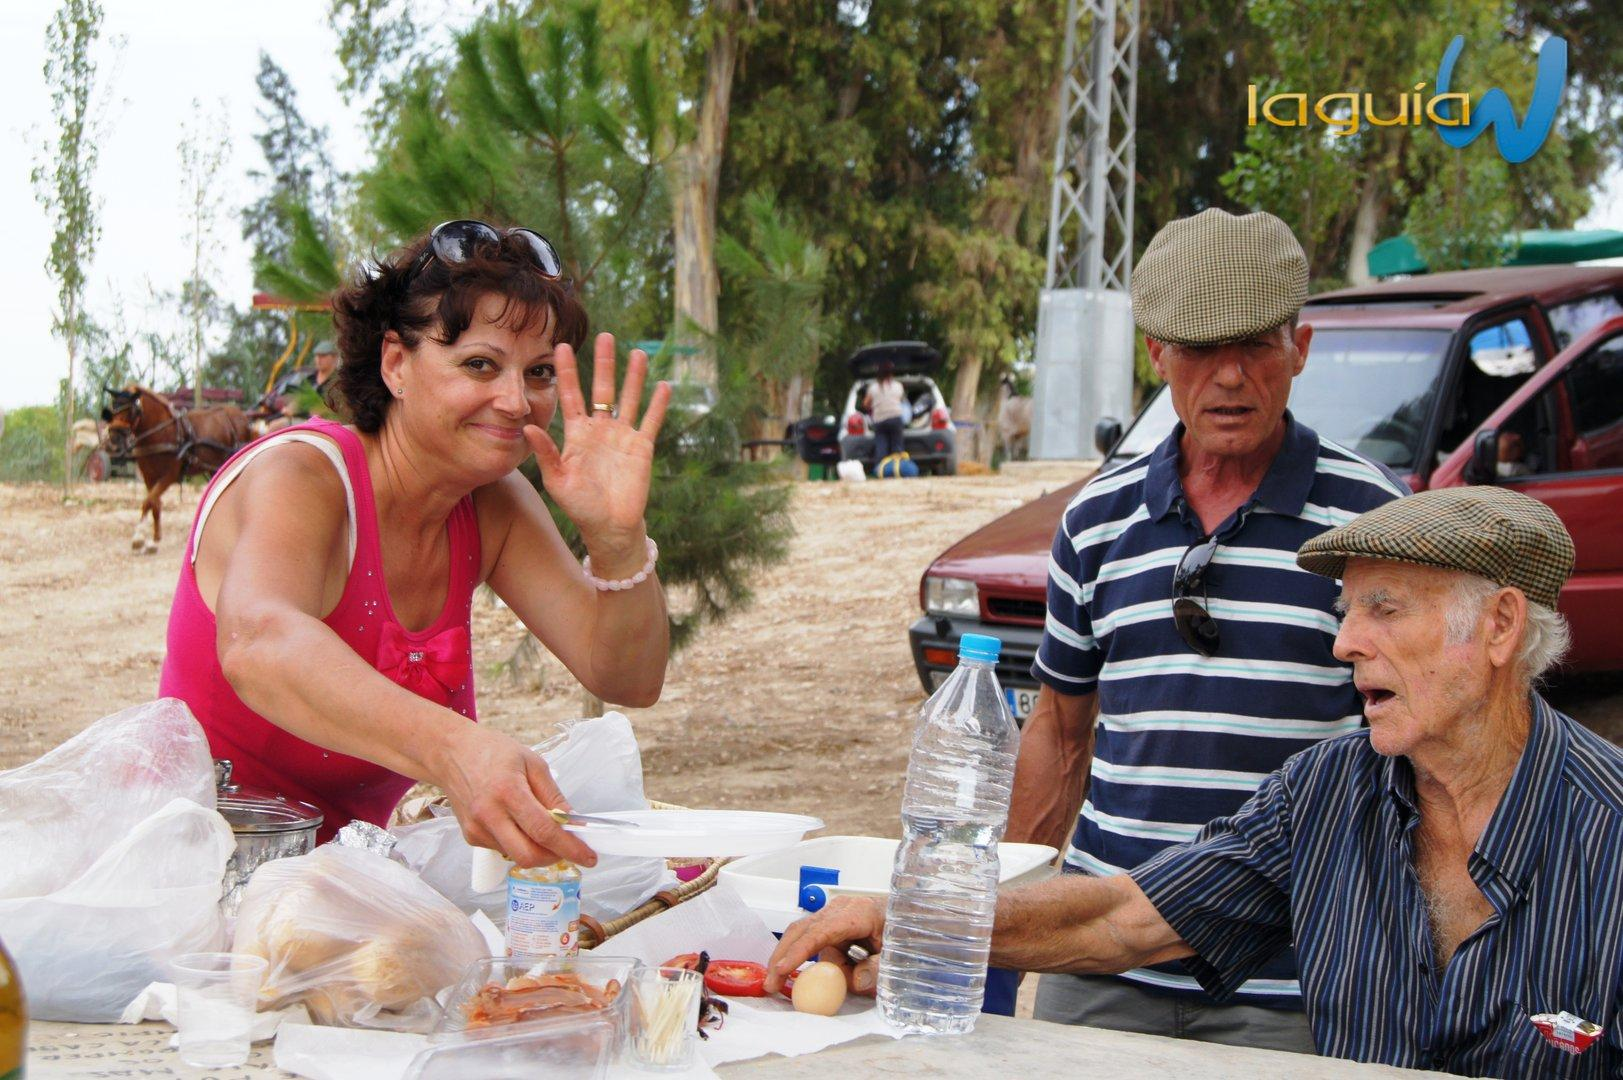 Romeria rociera 2012 archena En La Luz Comida y Noche comida